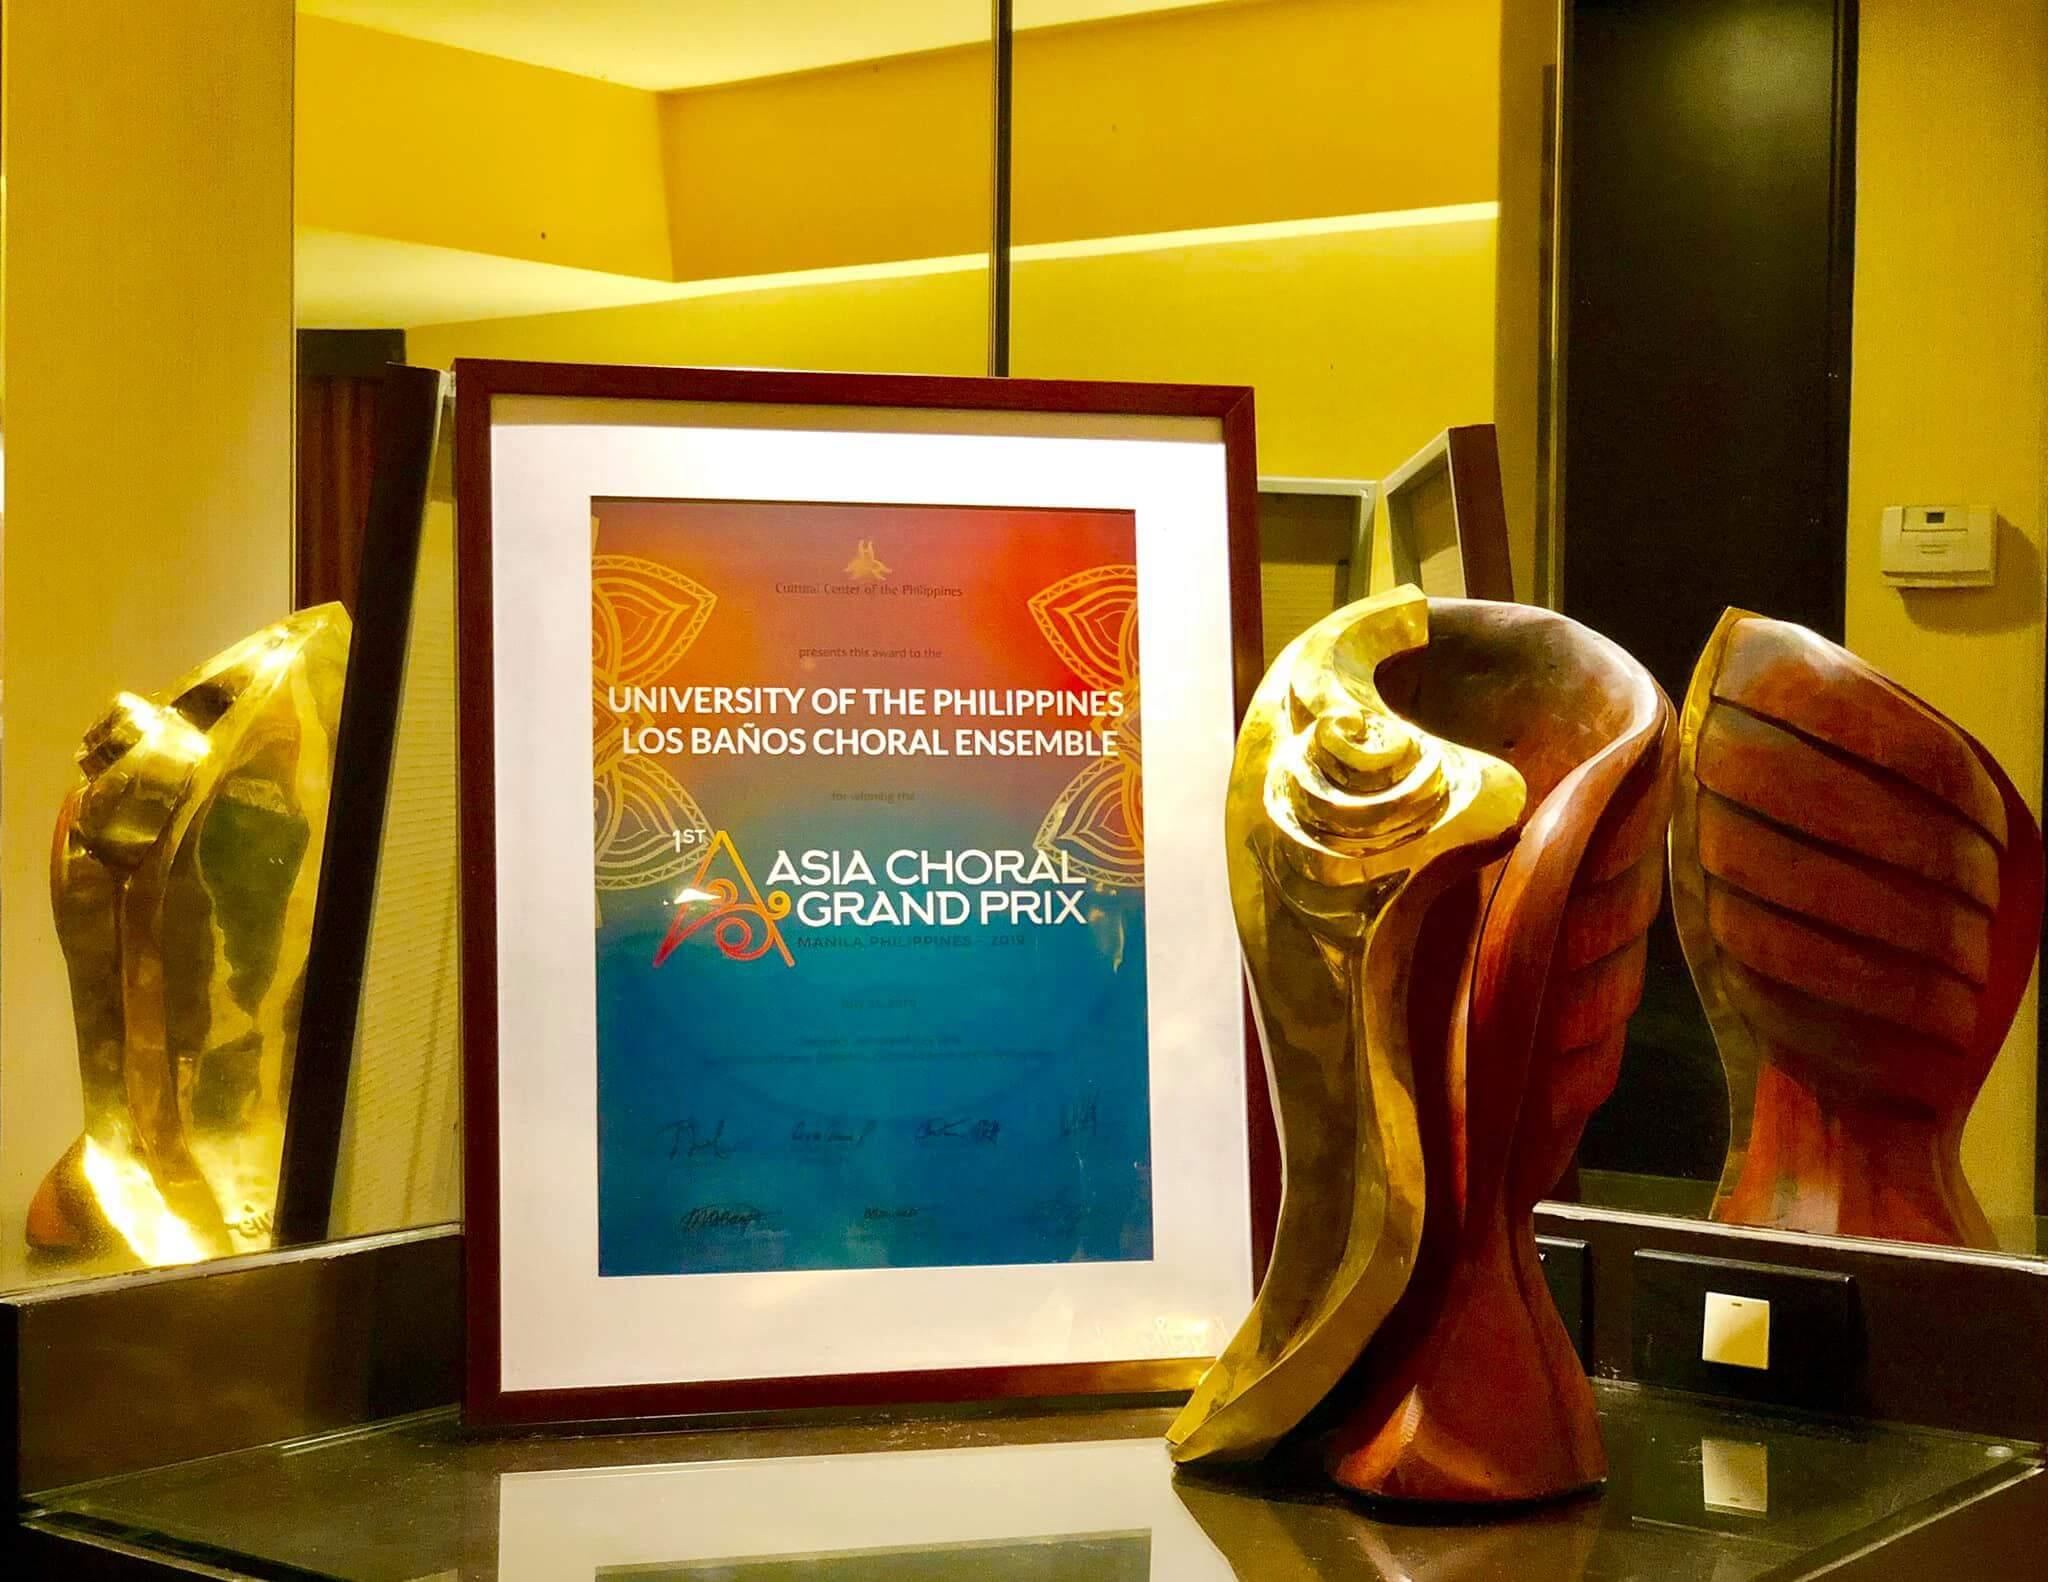 UP Los Banos Choral Ensemble makes history as 1st Asia